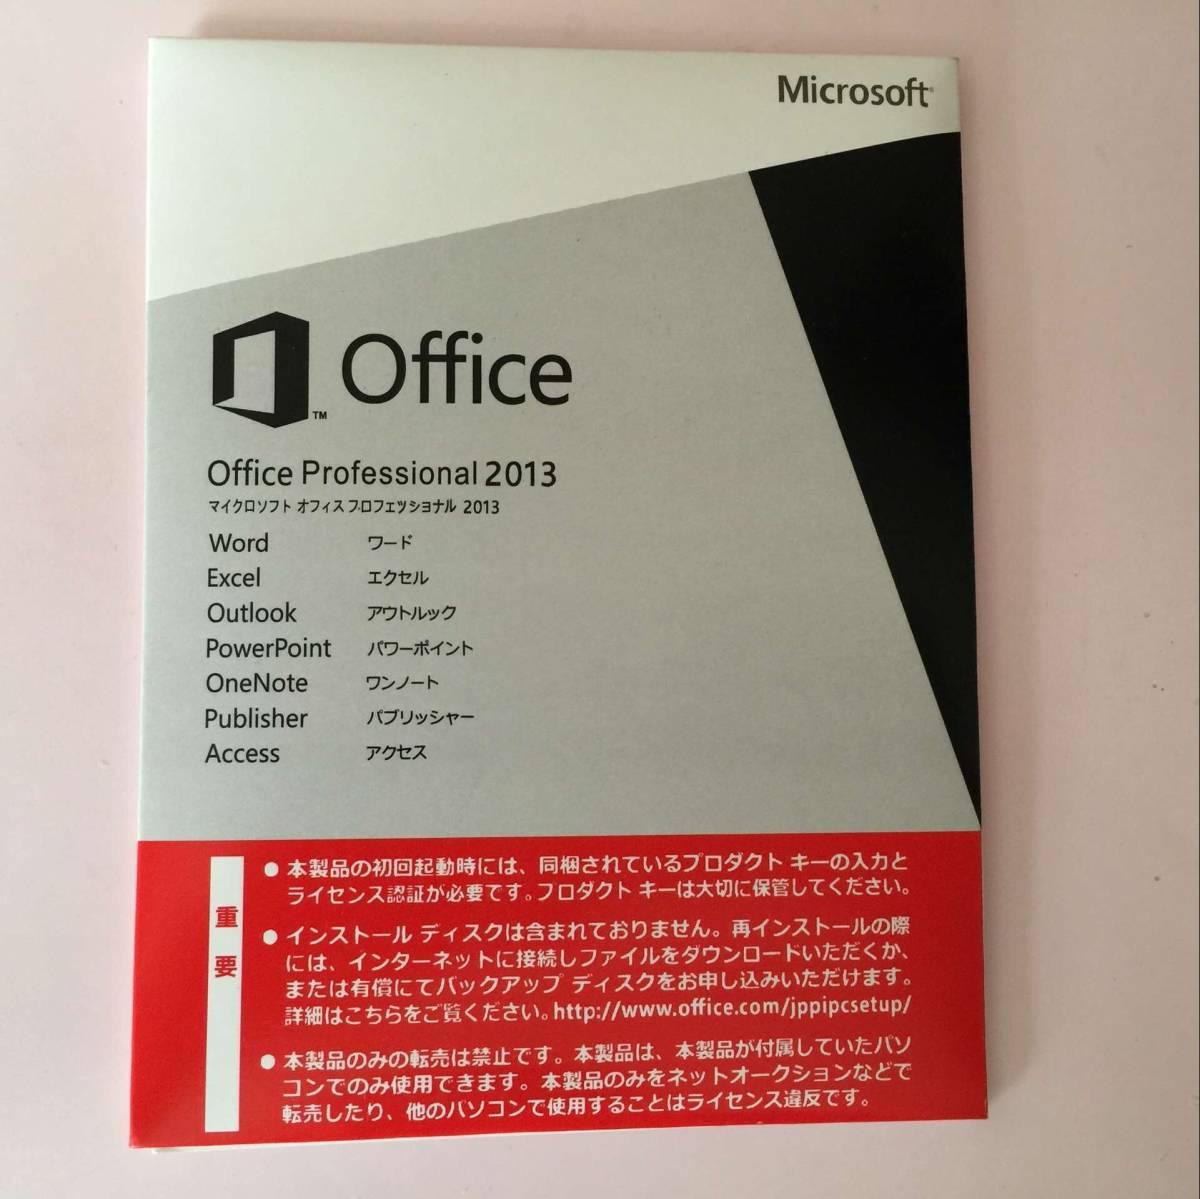 新品 Microsoft office 2013 professional パッケージ版